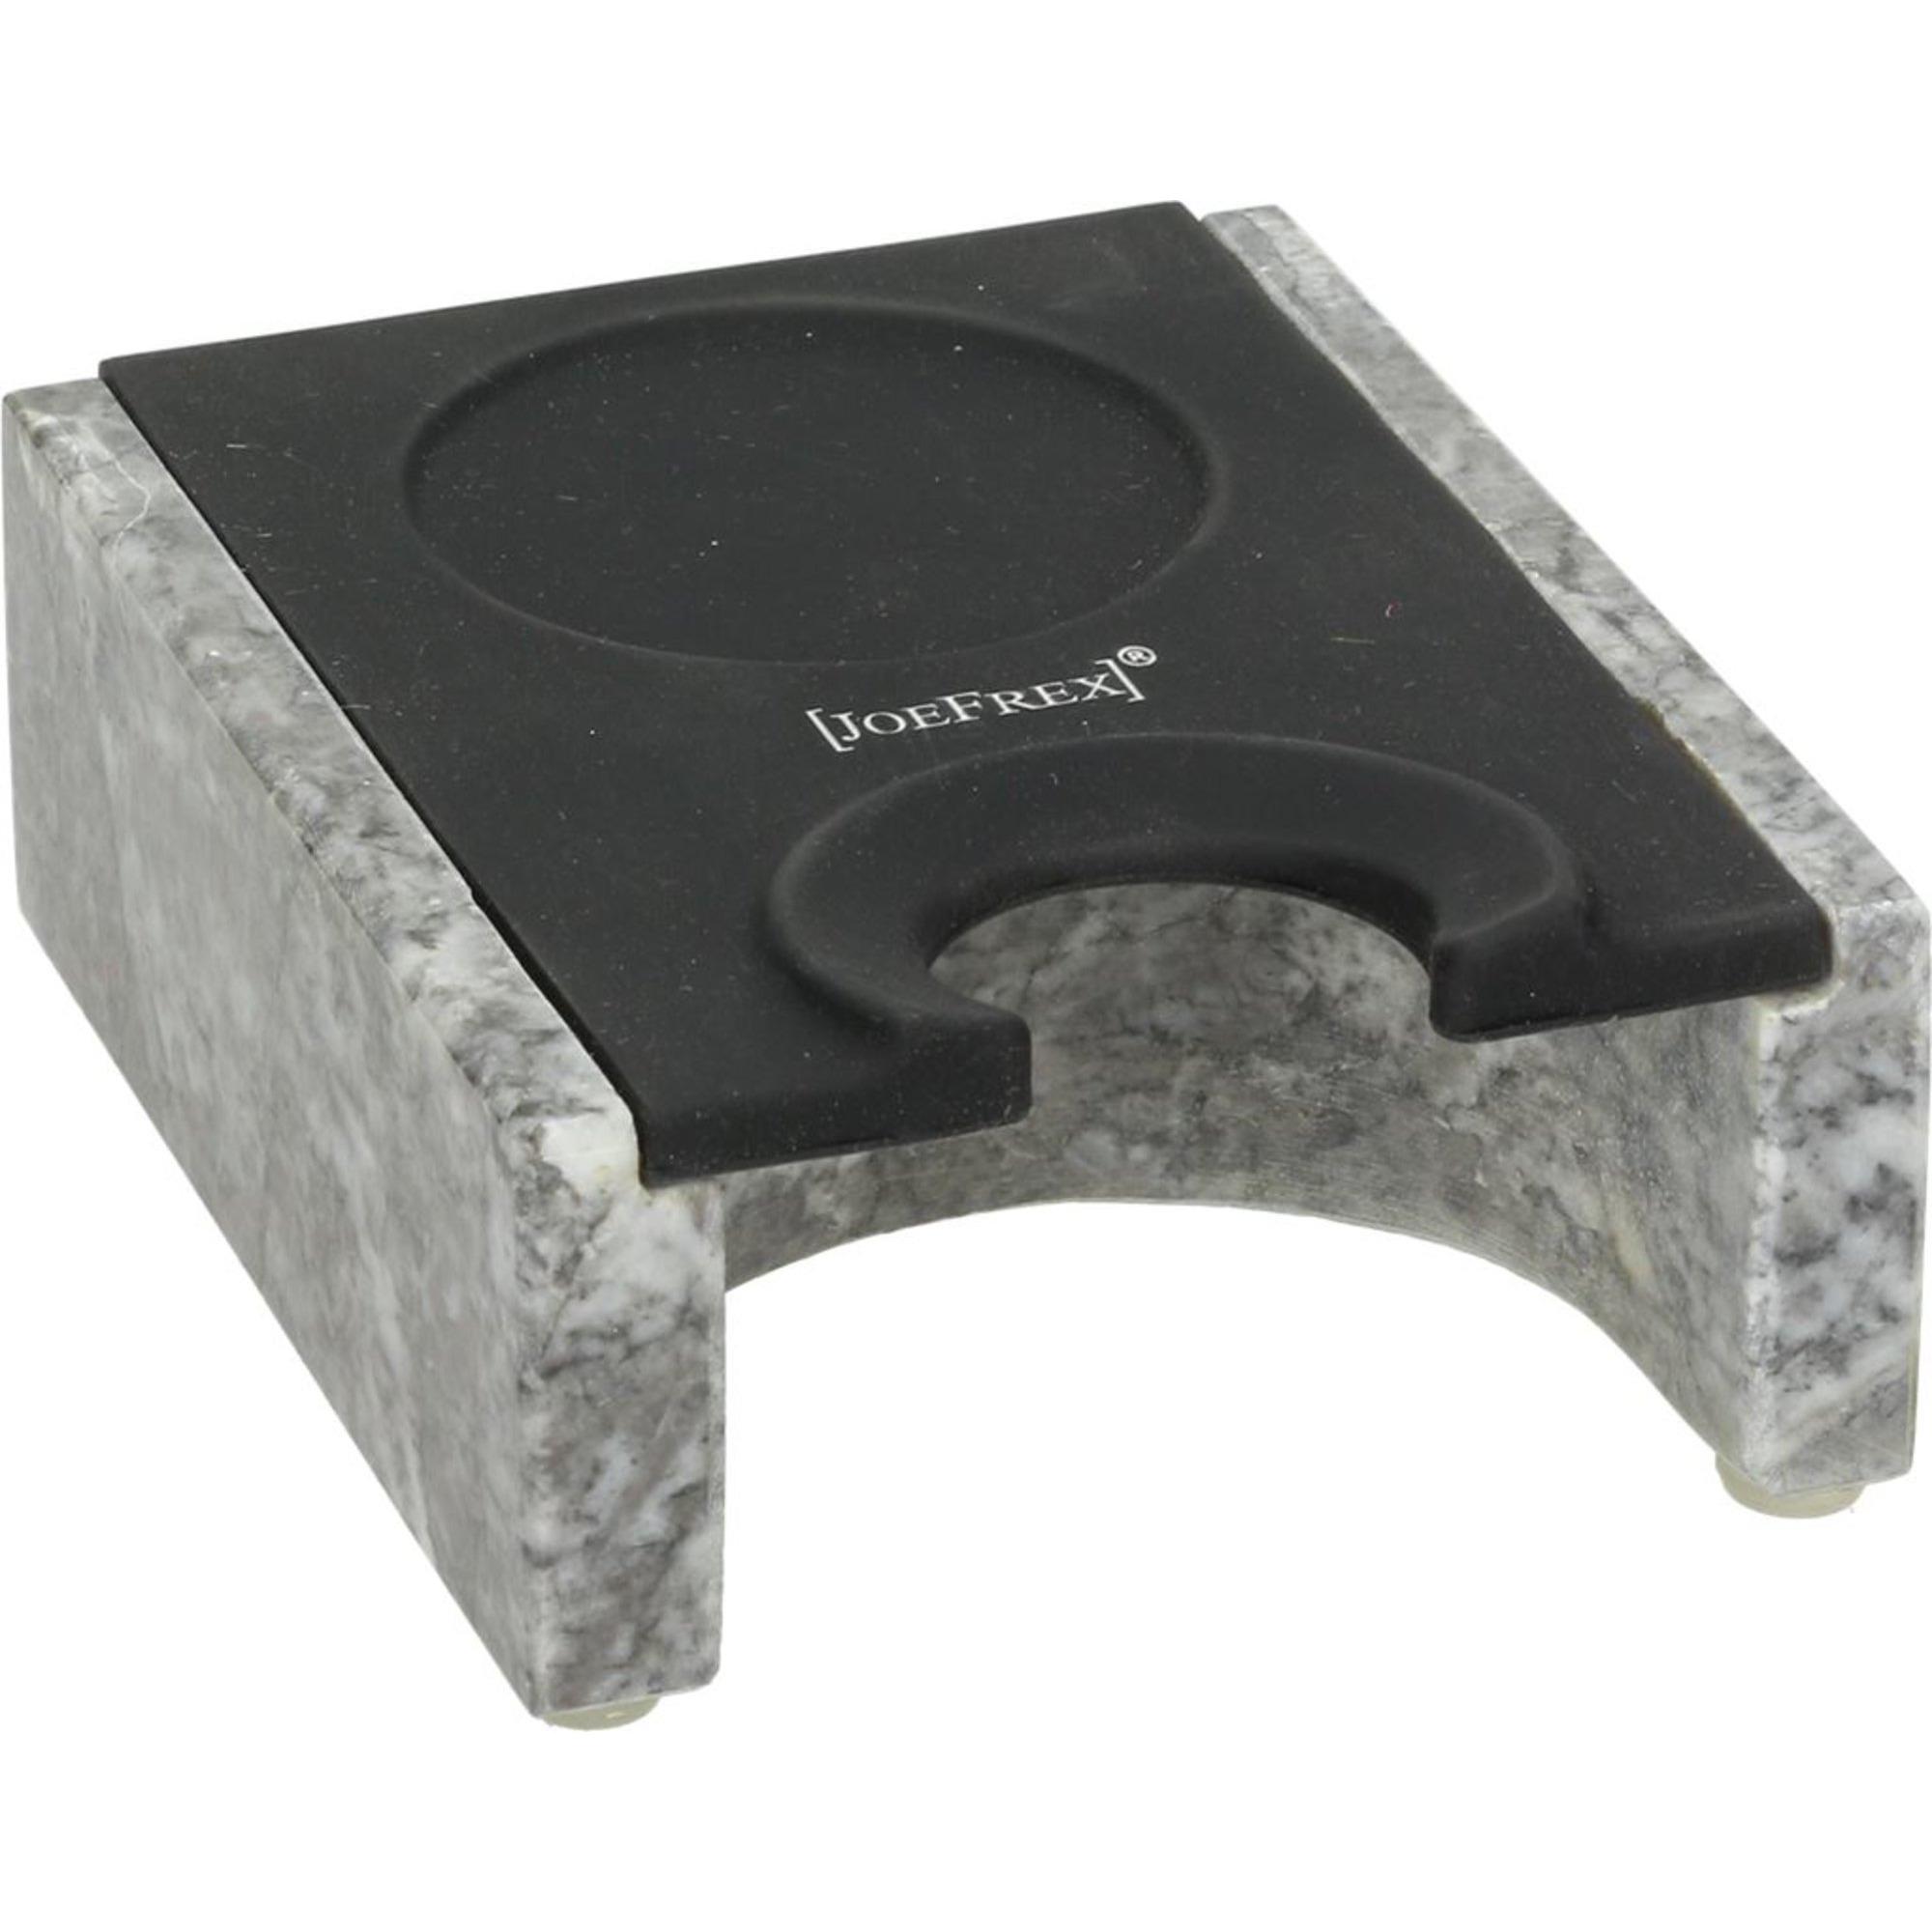 Concept-Art Marmor Filterhållare